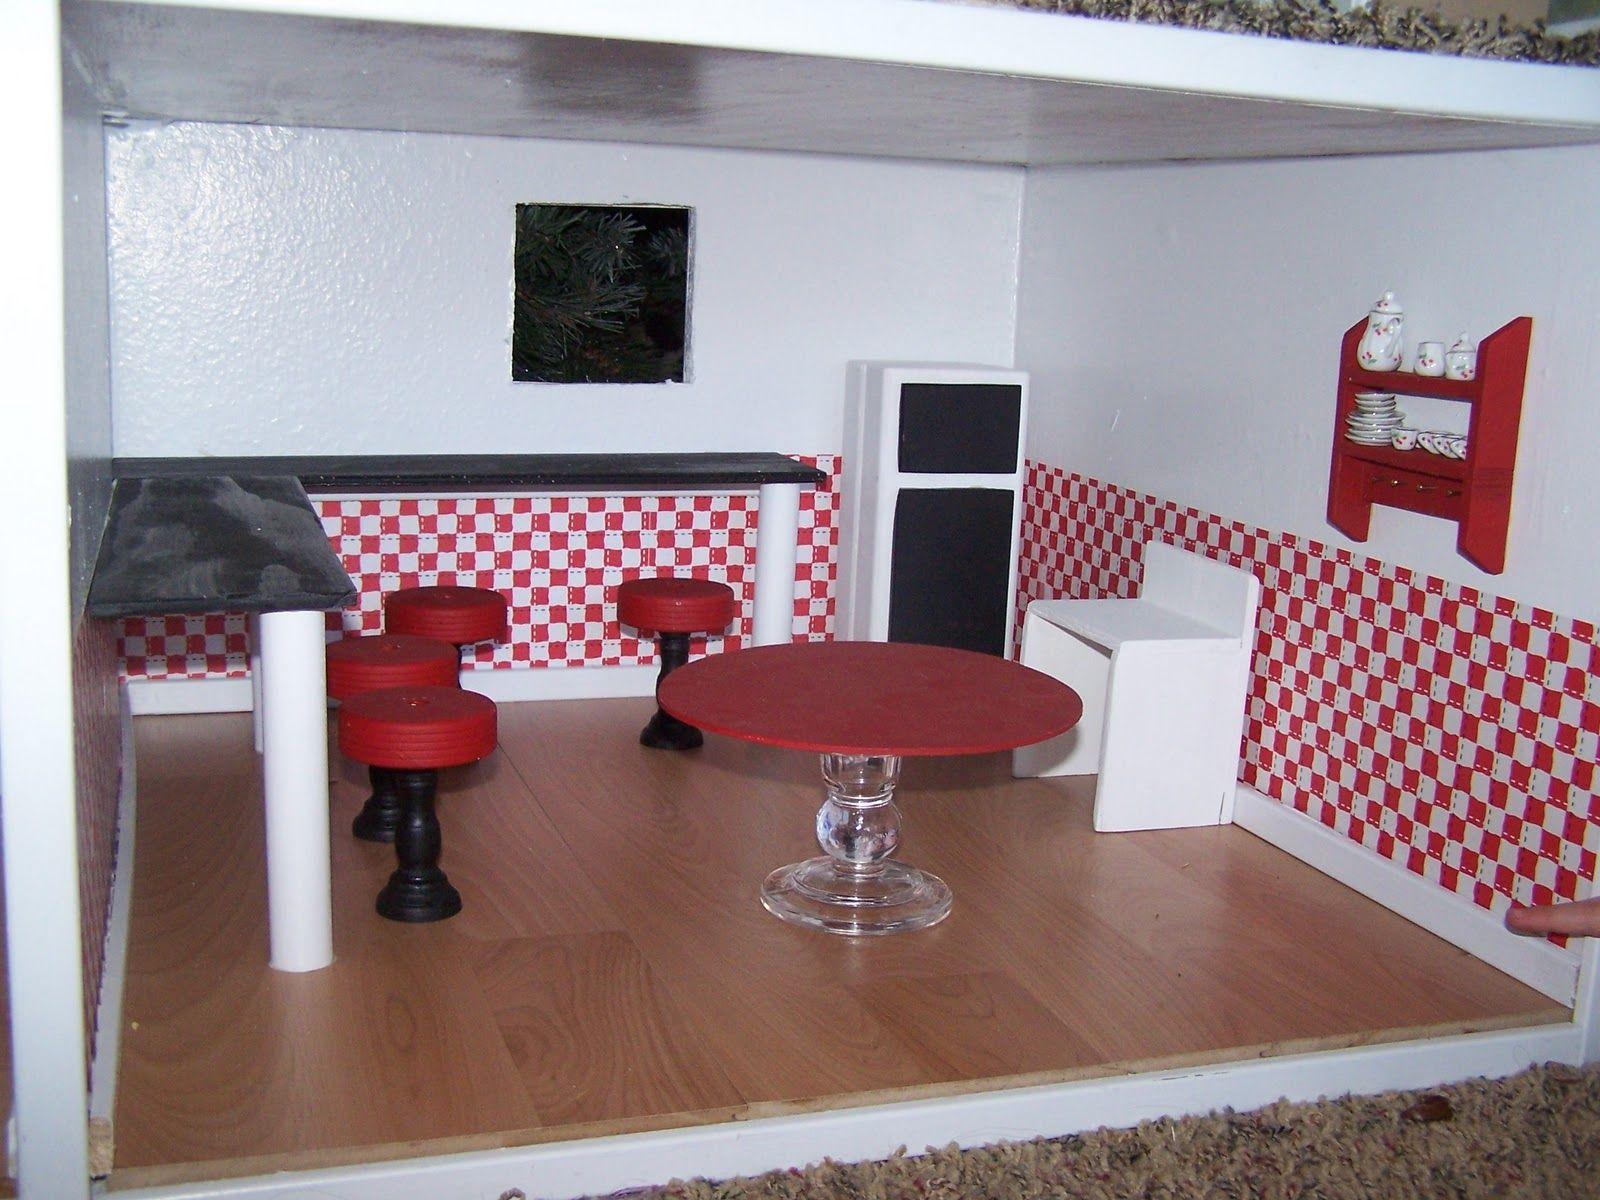 homemade barbie furniture ideas. Mommy\u0027s Menu: Homemade Barbie House Furniture Ideas 1